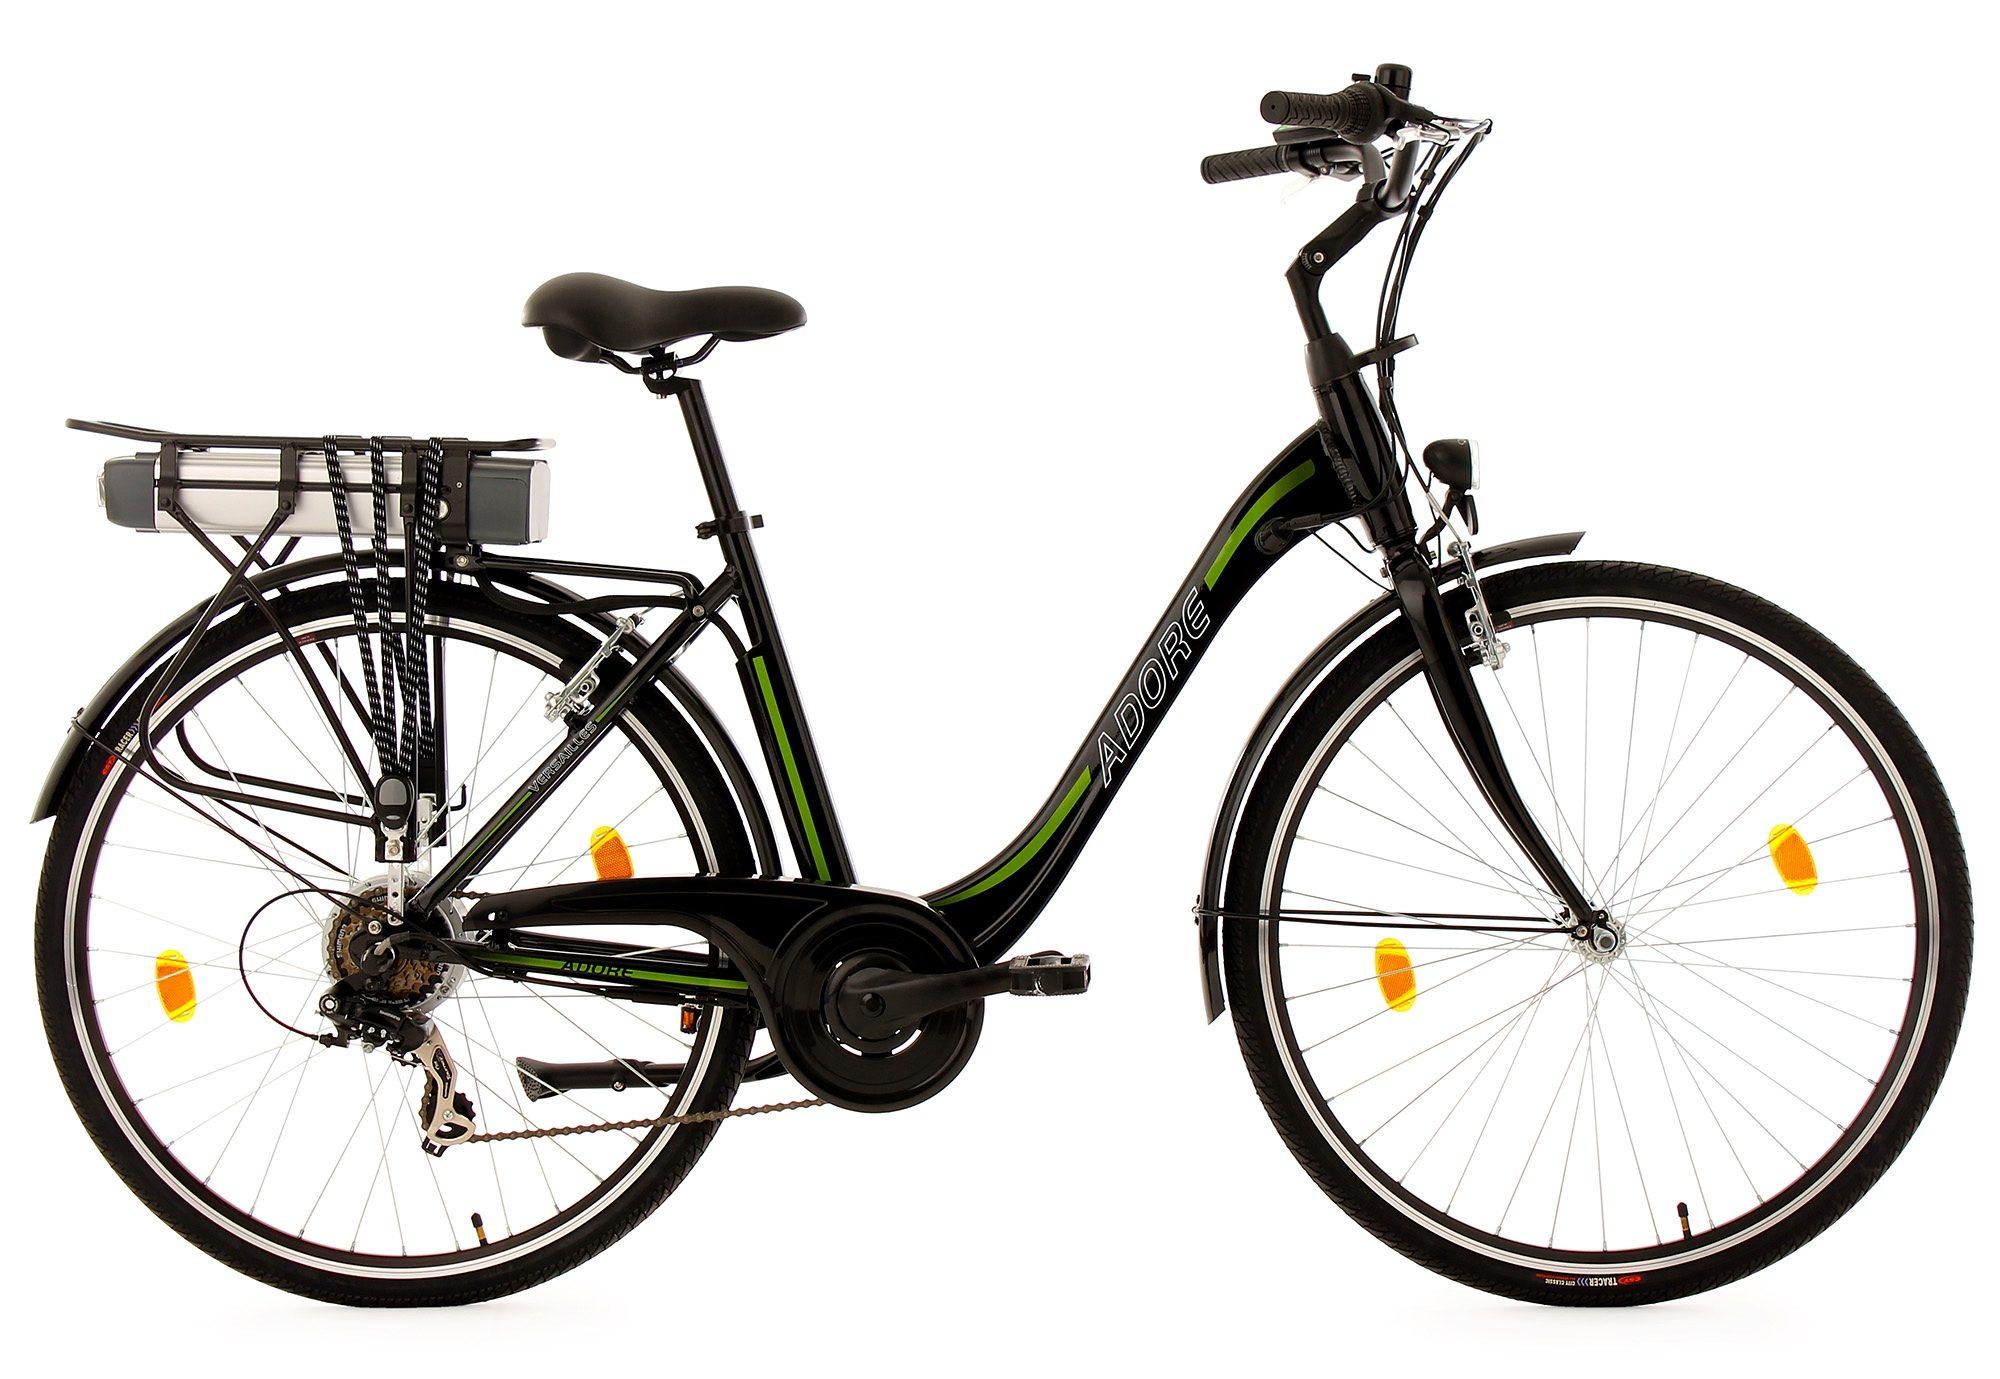 Adore Damen-E-Bike City, 28 Zoll, 7 Gänge, 250 Watt Li-Ion, 36V/10,4 Ah, schw.-grün,»Versailles«